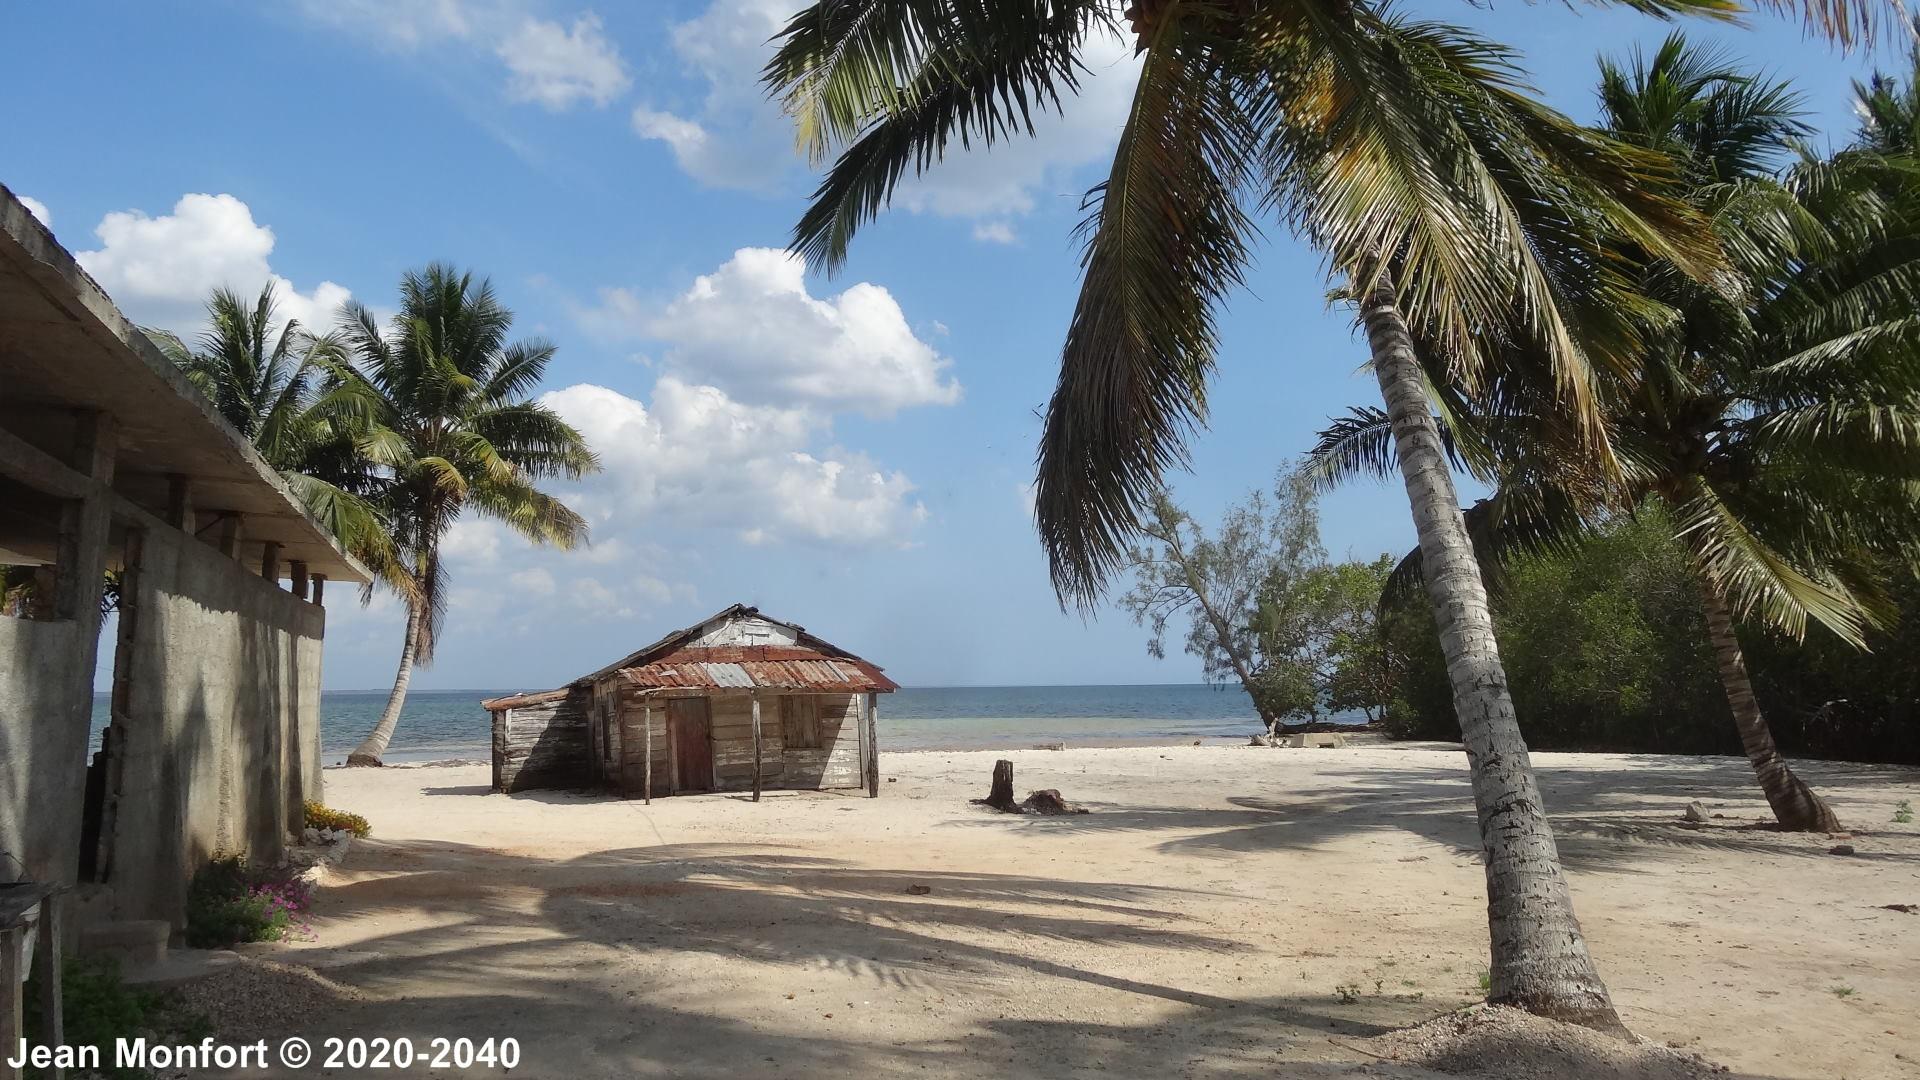 Cuba_Playa-Larga